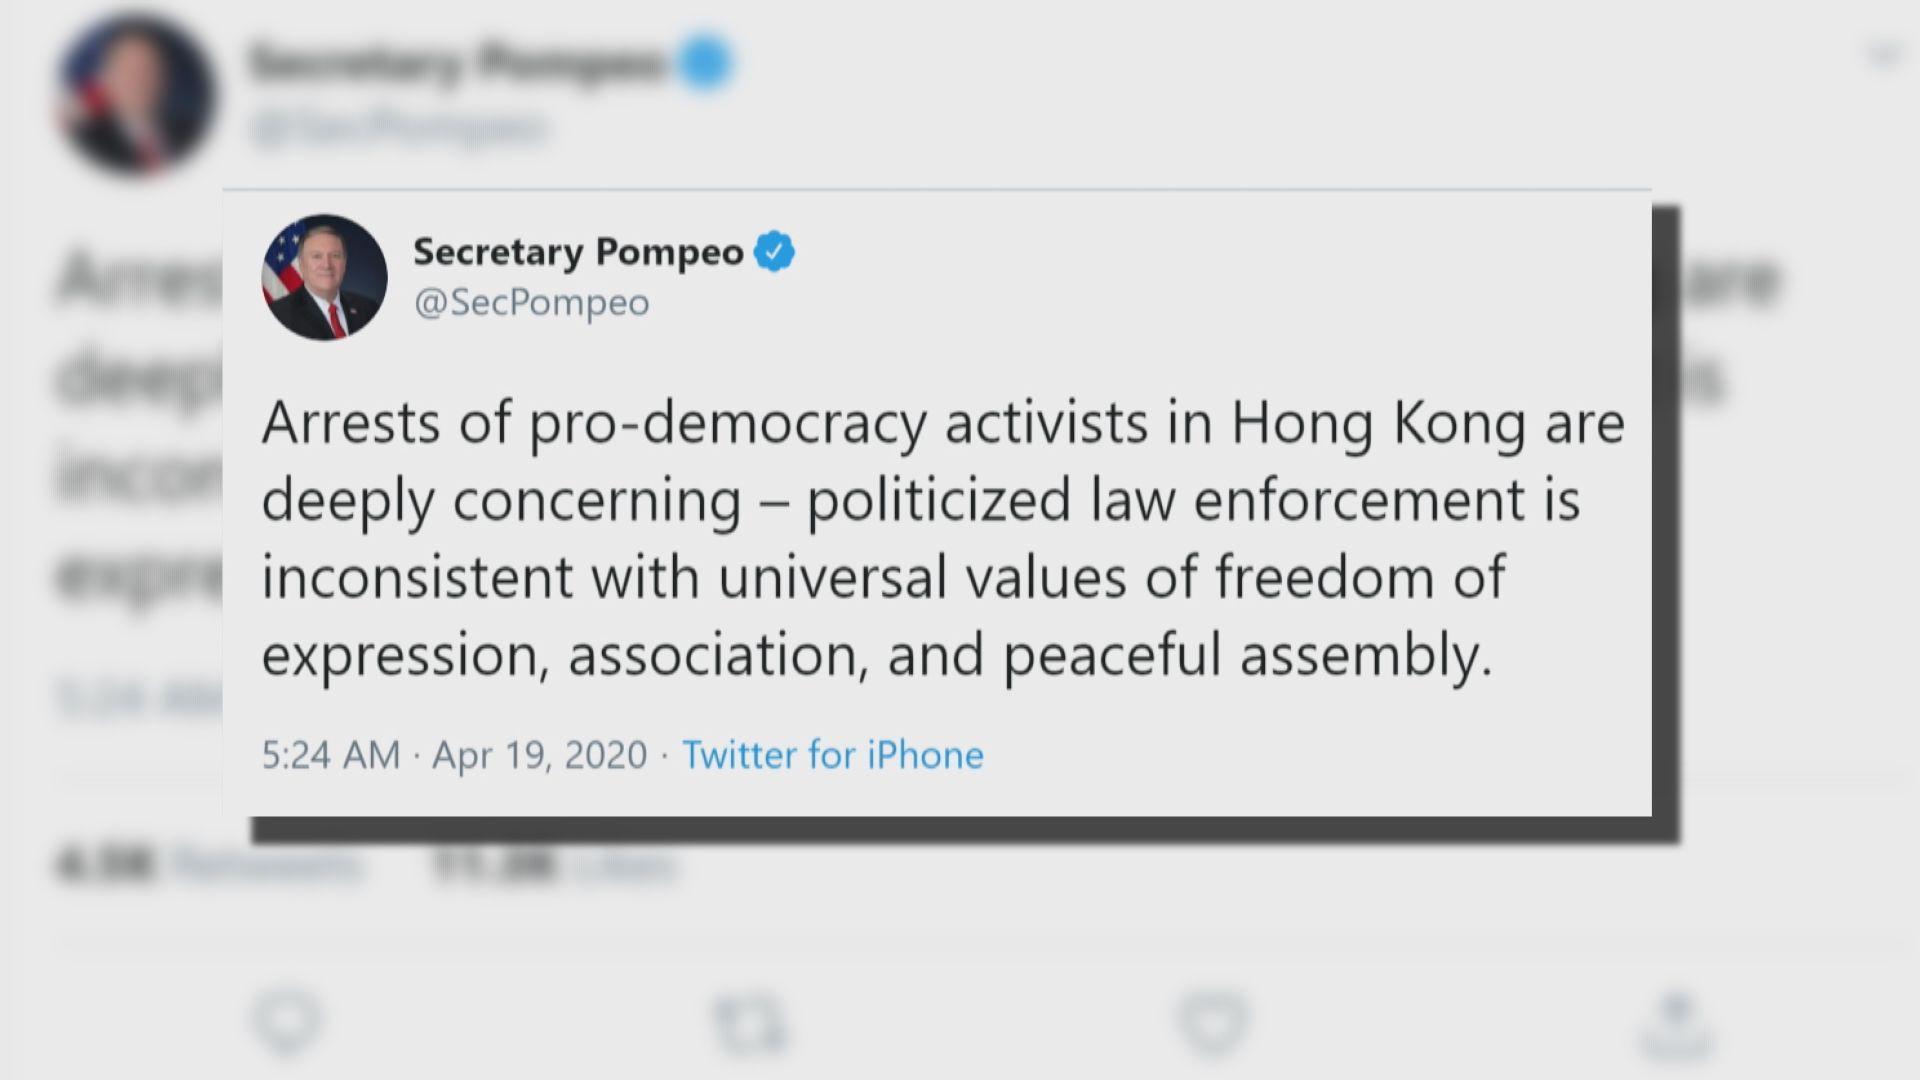 蓬佩奧發聲明譴責拘捕香港民主派